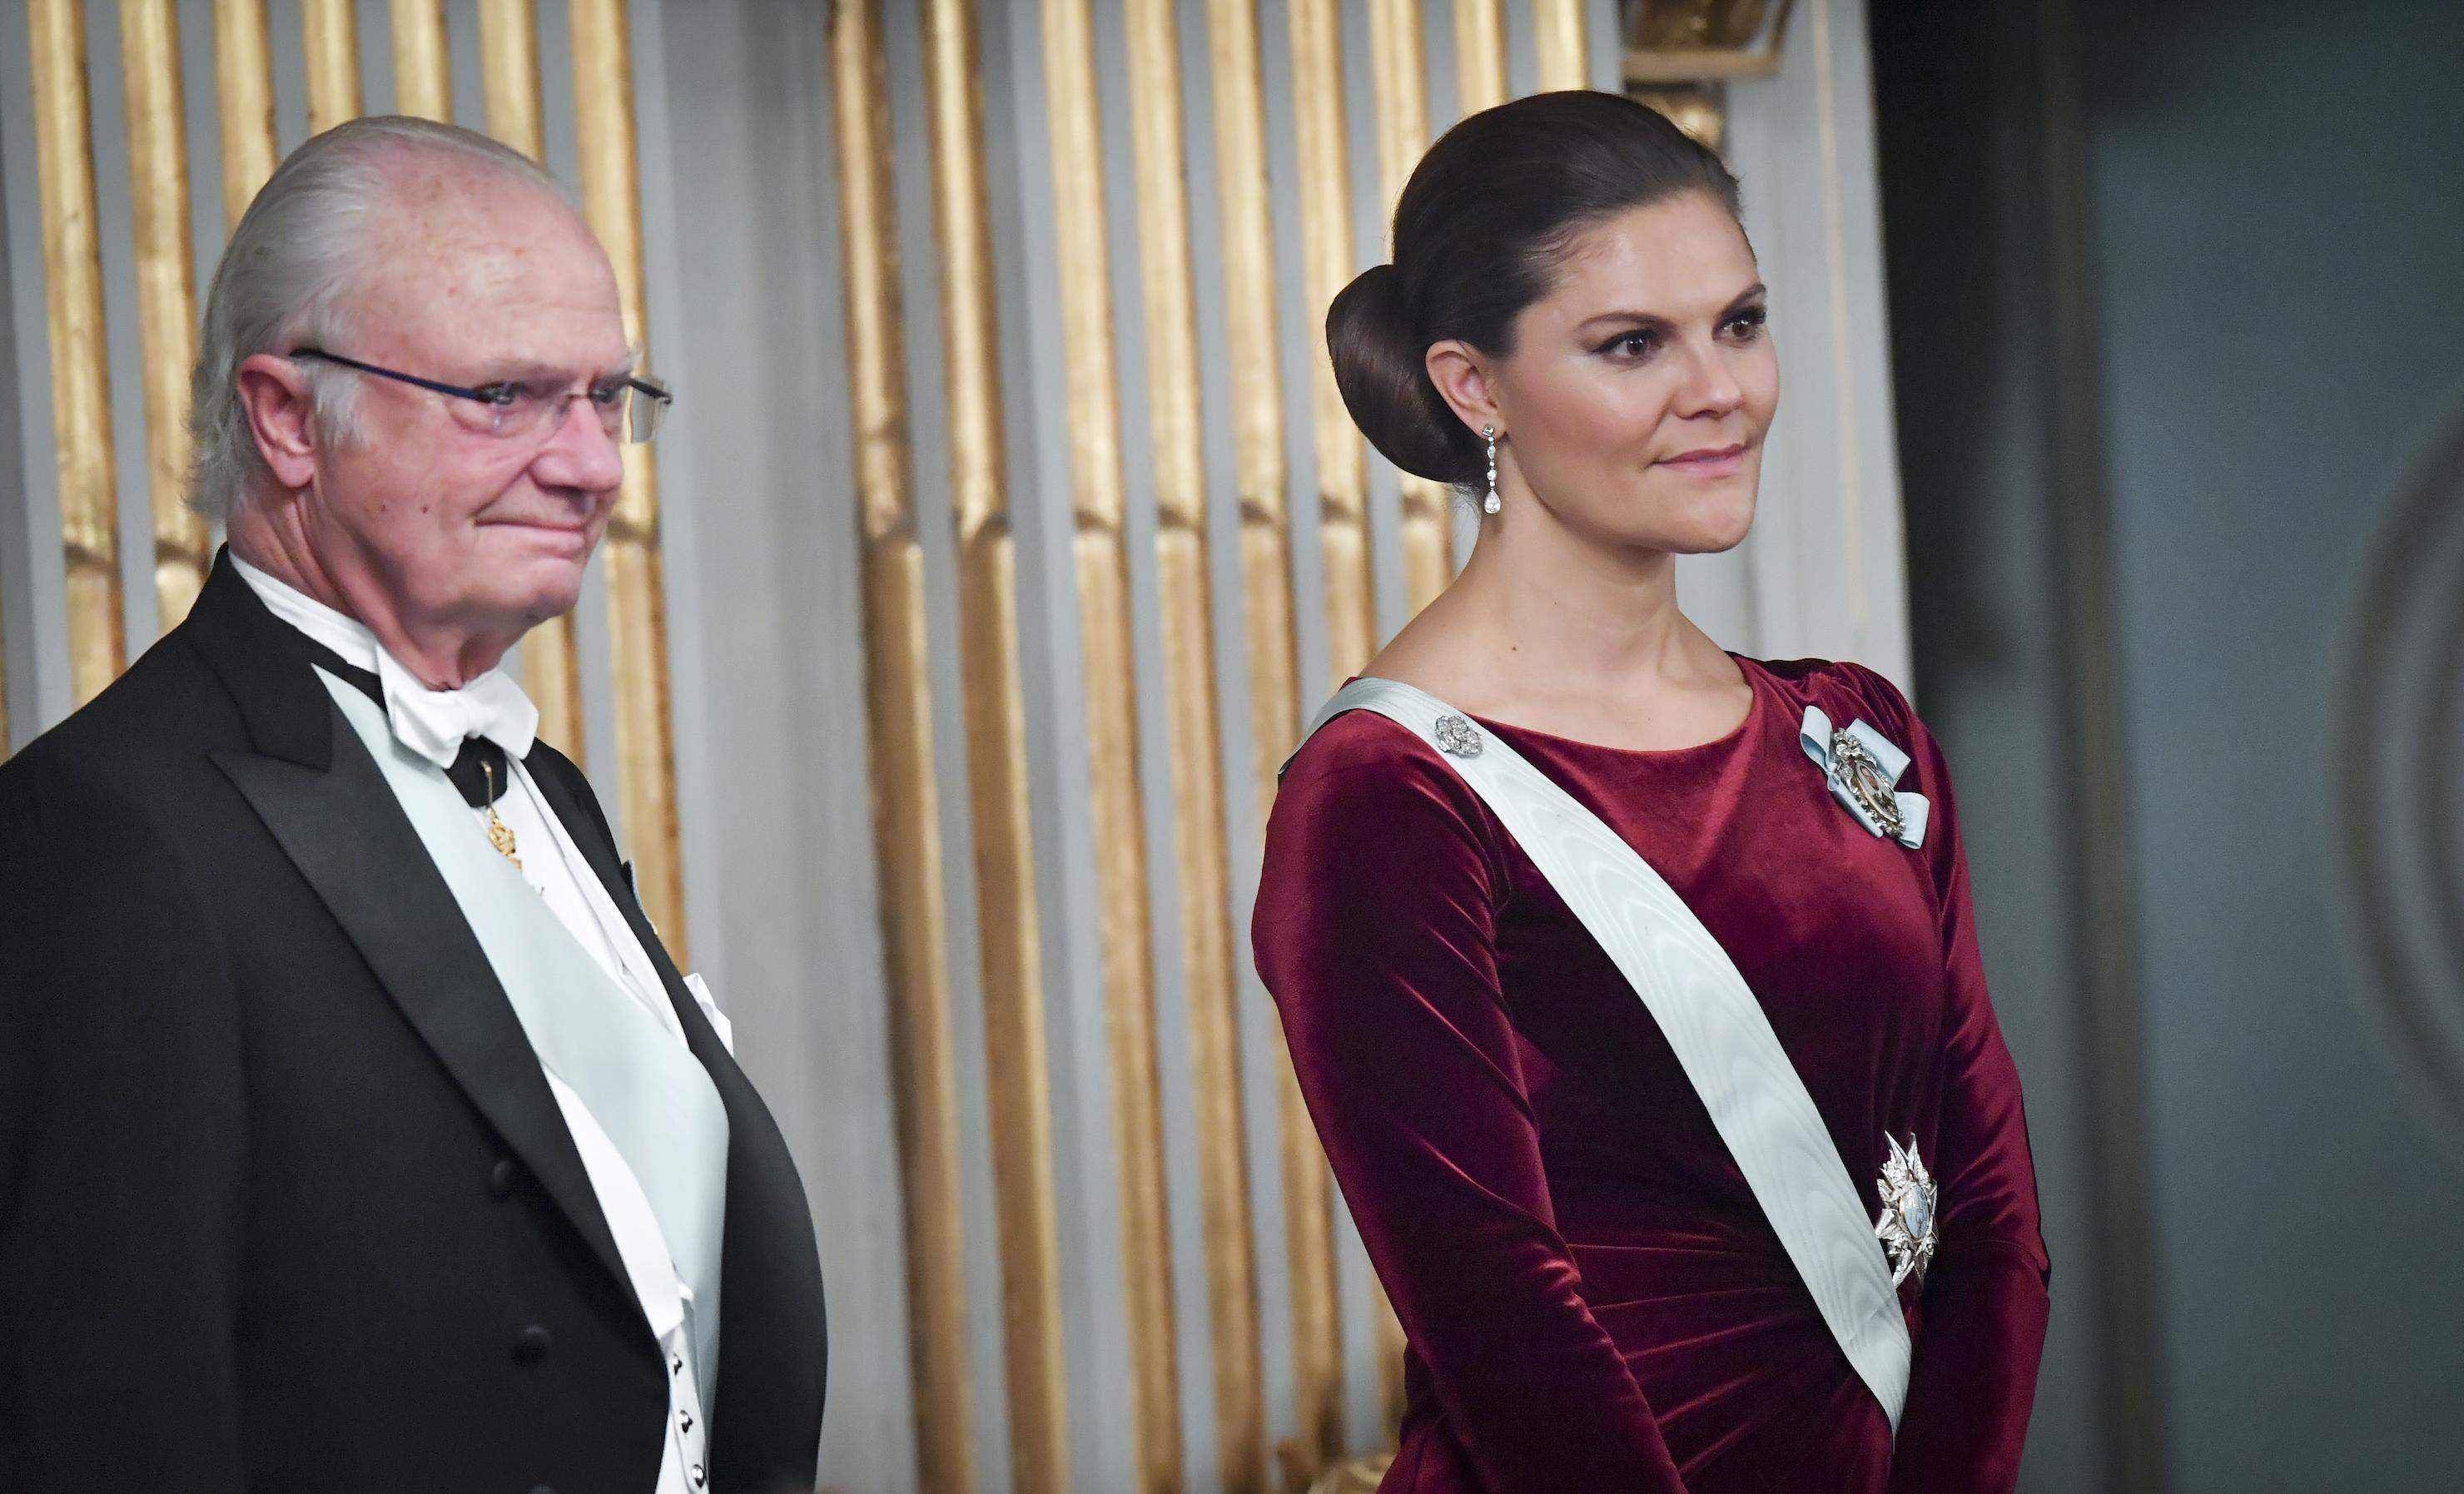 Kronprinzessin Victoria: König Carl Gustaf wollte ihre Krönung verhindern